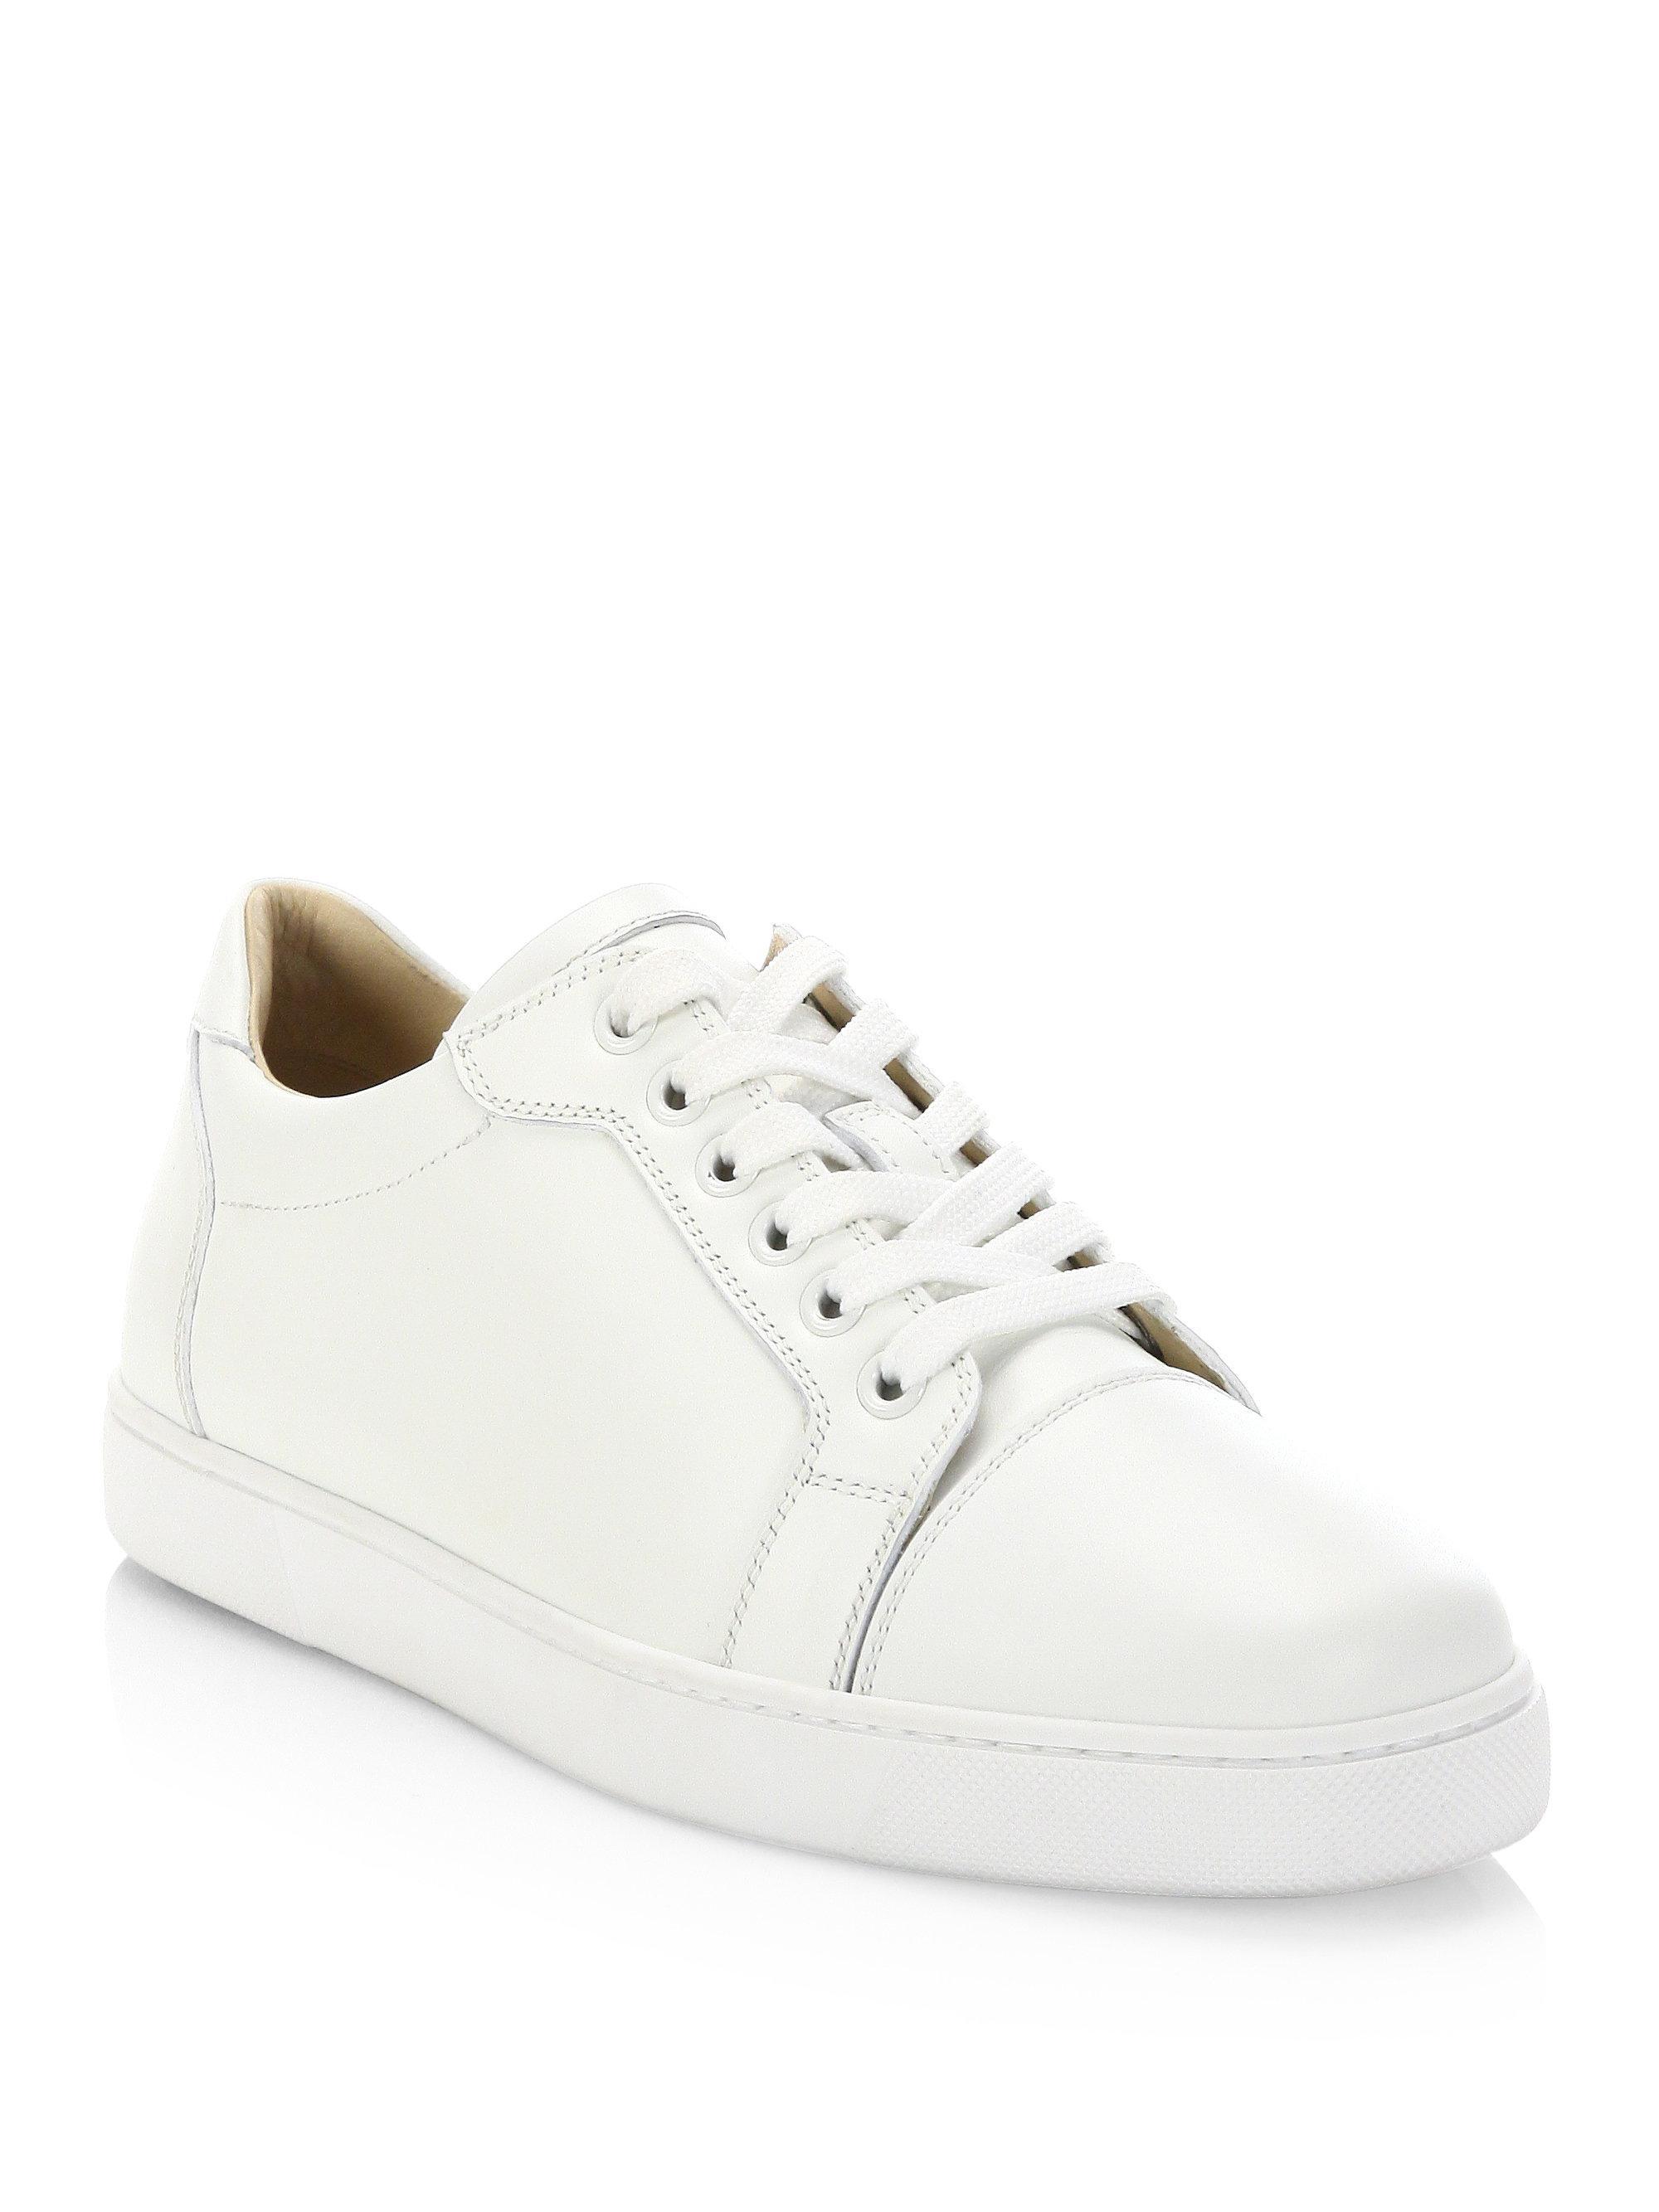 Vieira white leather sneakers Christian Louboutin rxVWt71